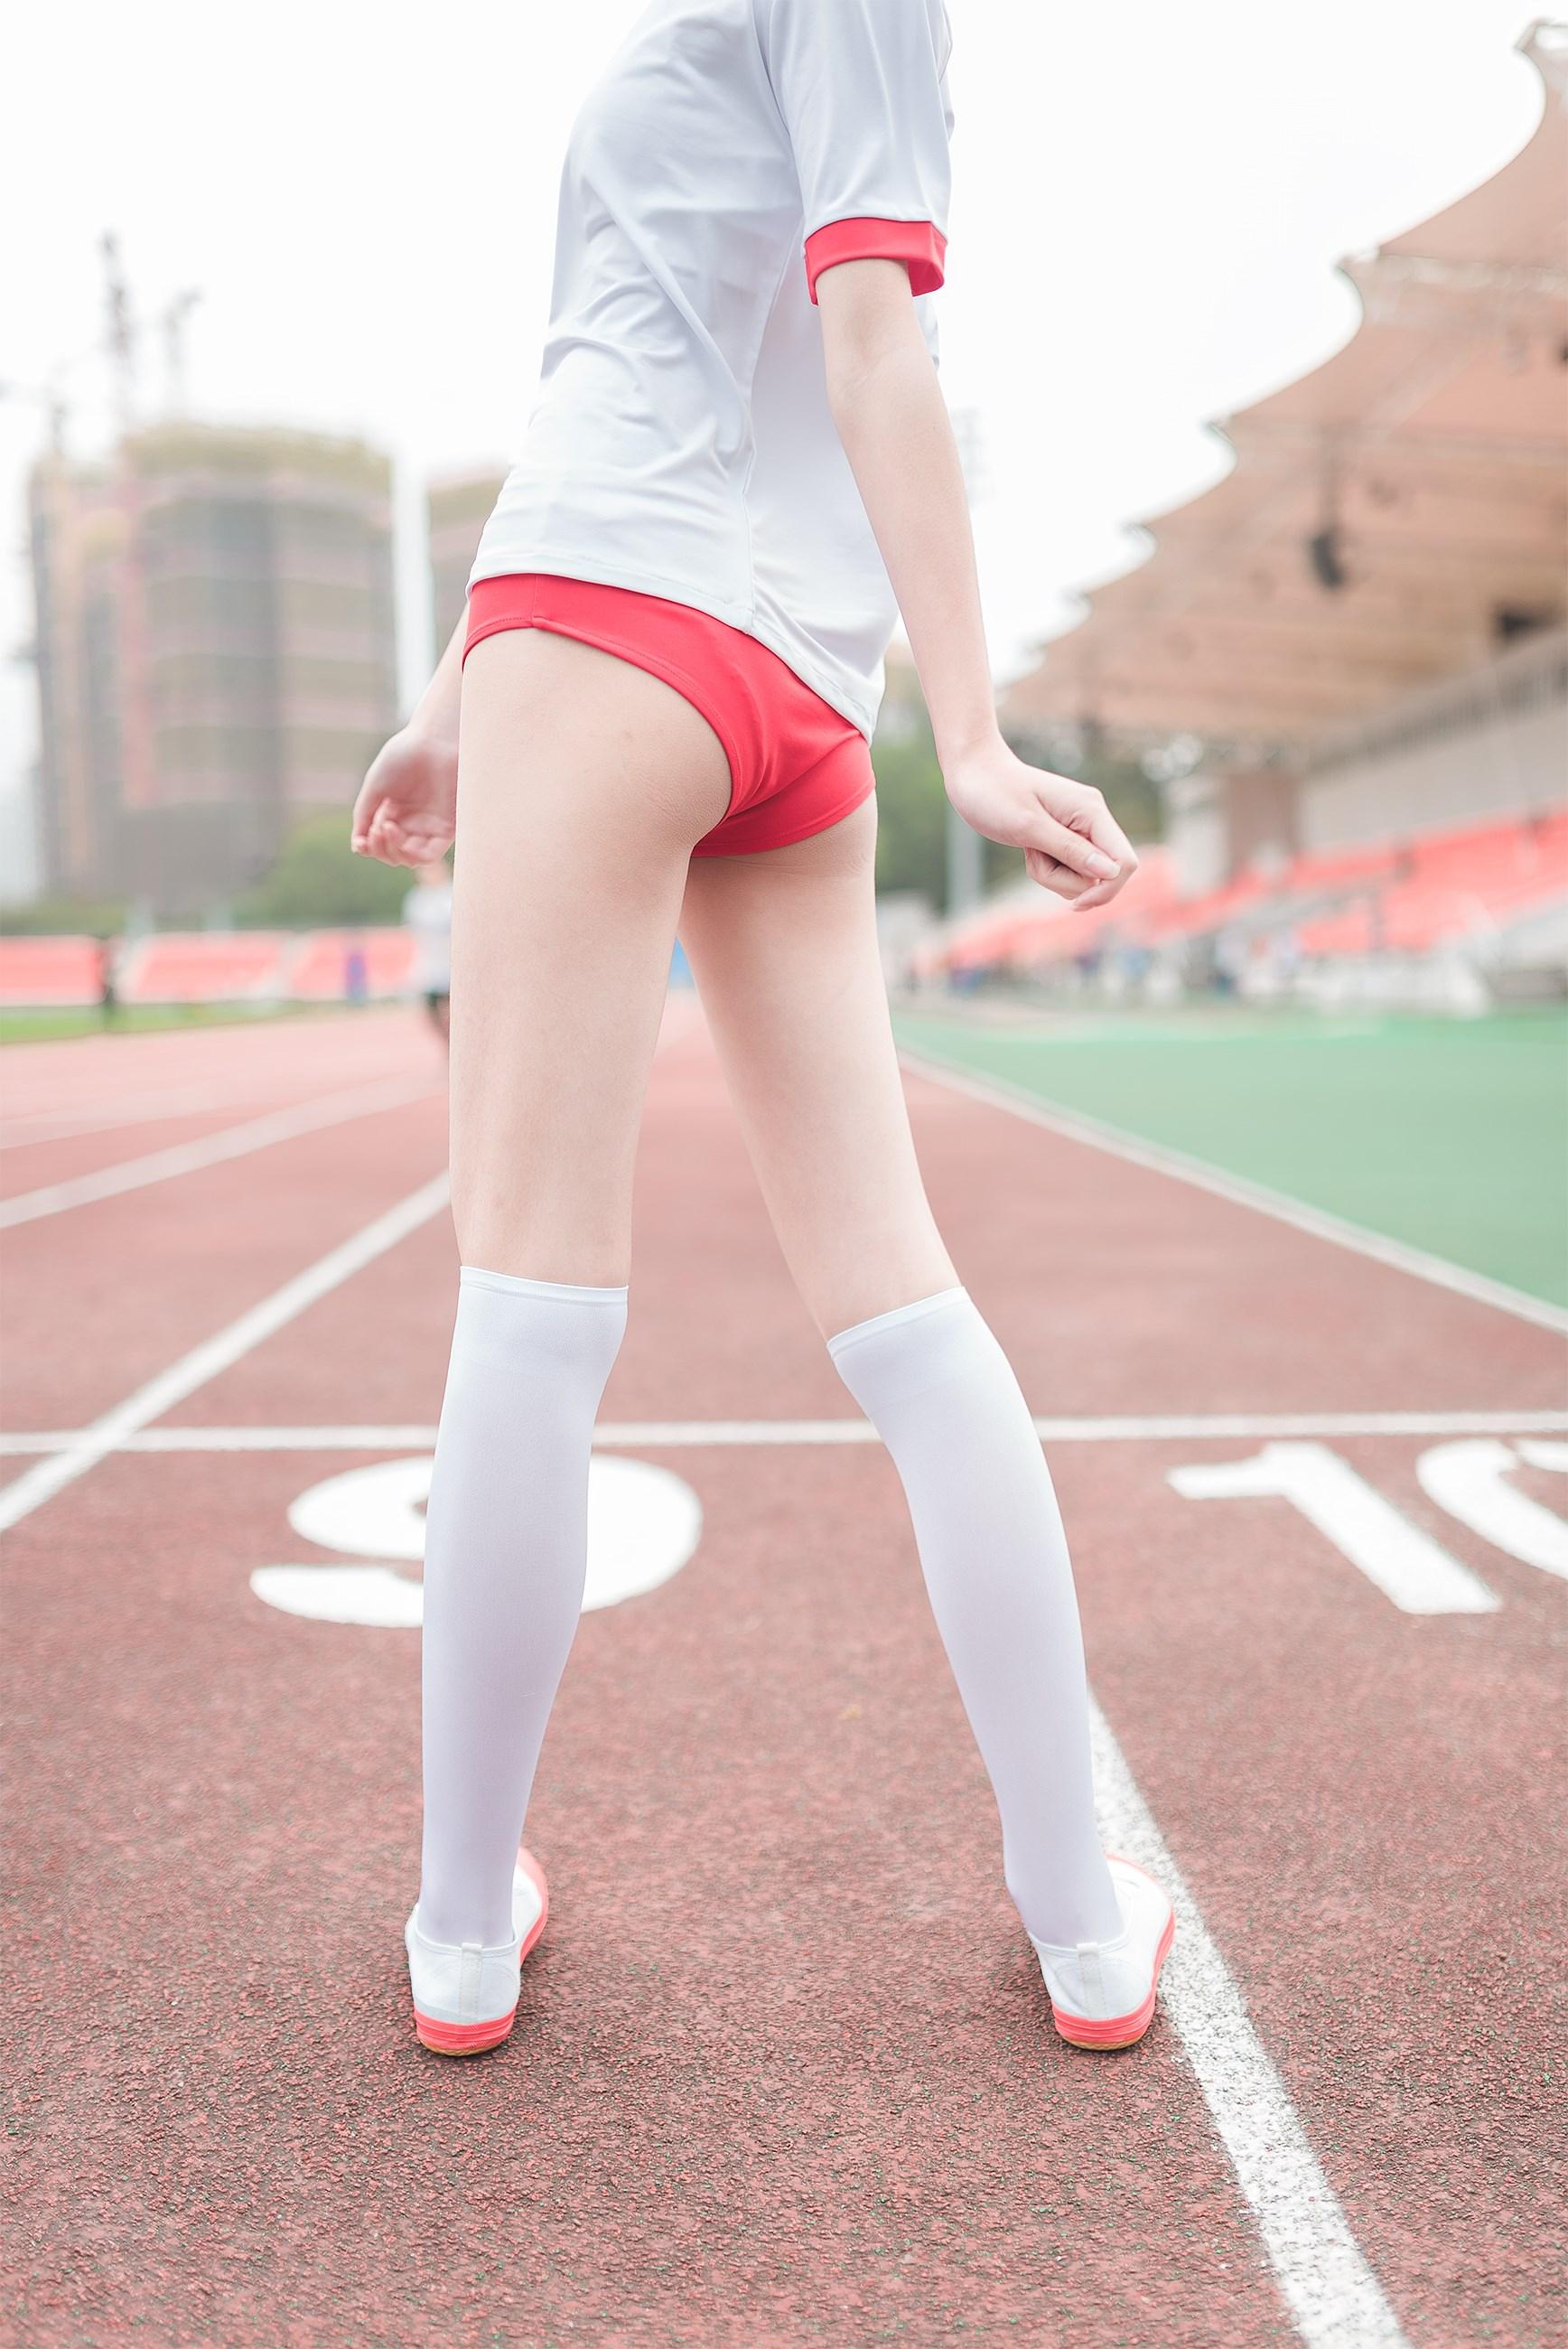 【兔玩映画】百合体操服少女 兔玩映画 第29张